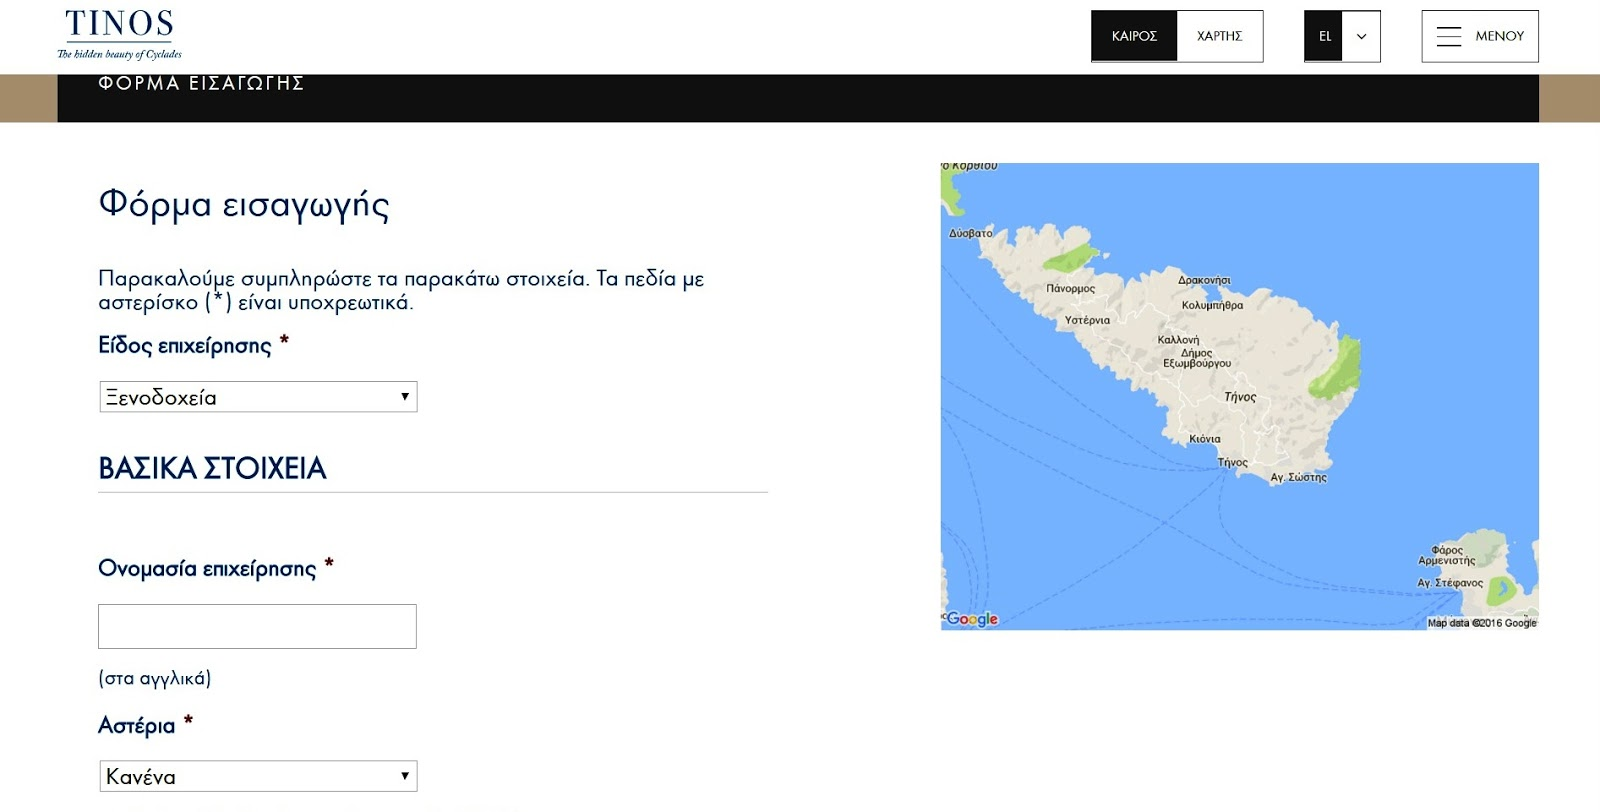 Προβολή των επαγγελματιών της Τήνου μέσα από το τουριστικό portal του Δήμου.